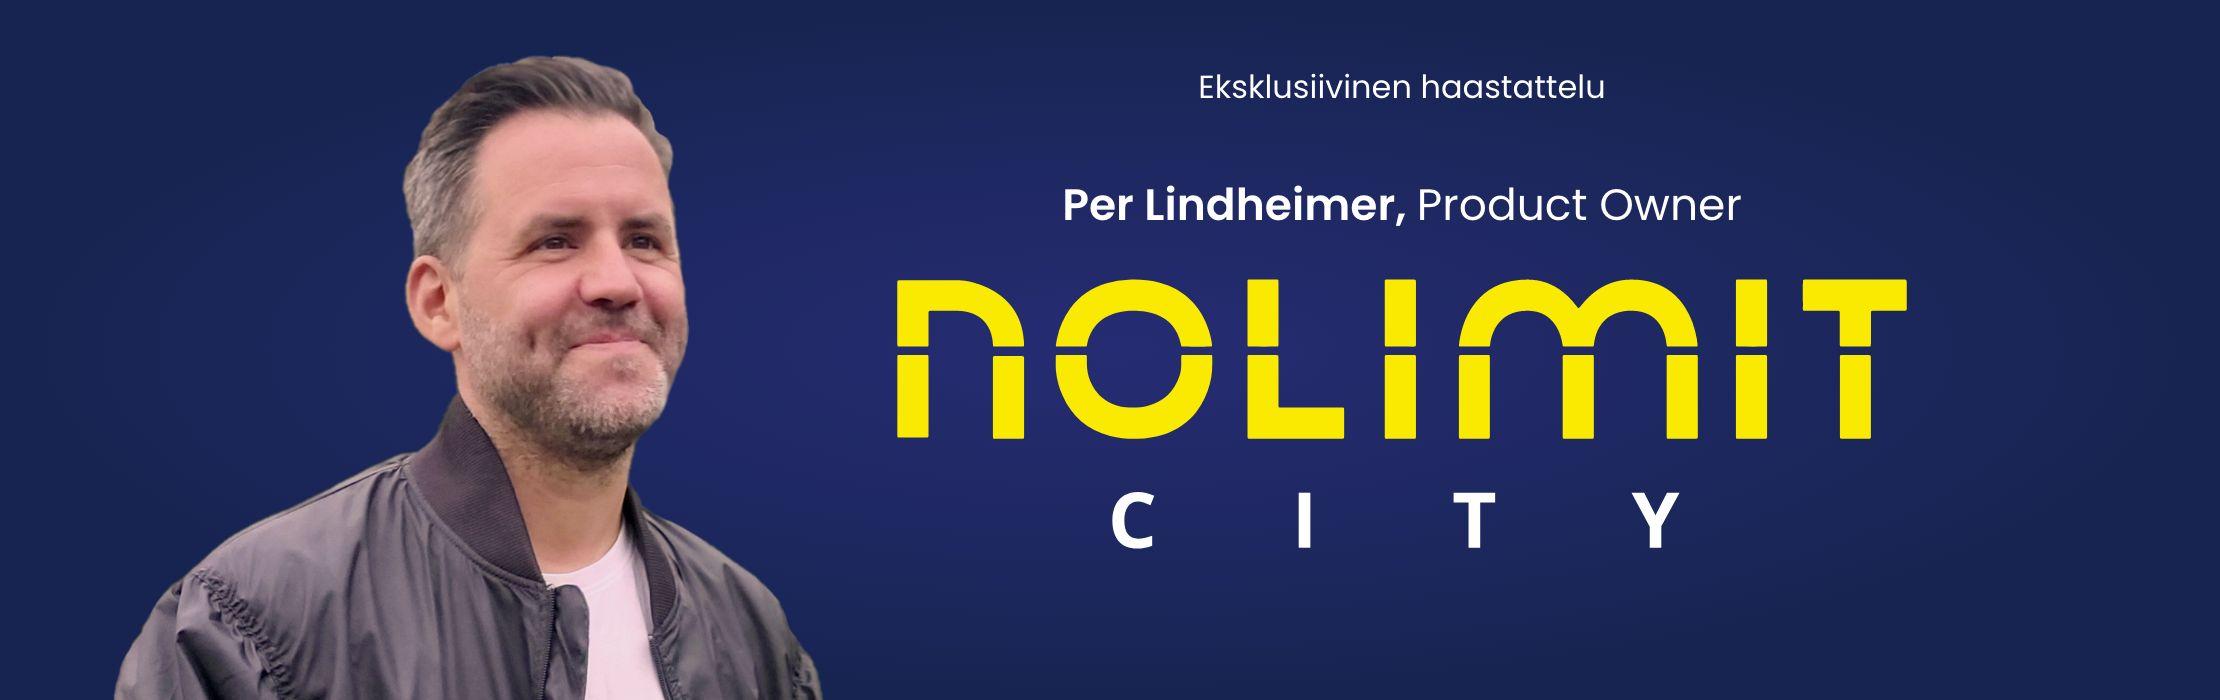 nolimit city -haastattelu